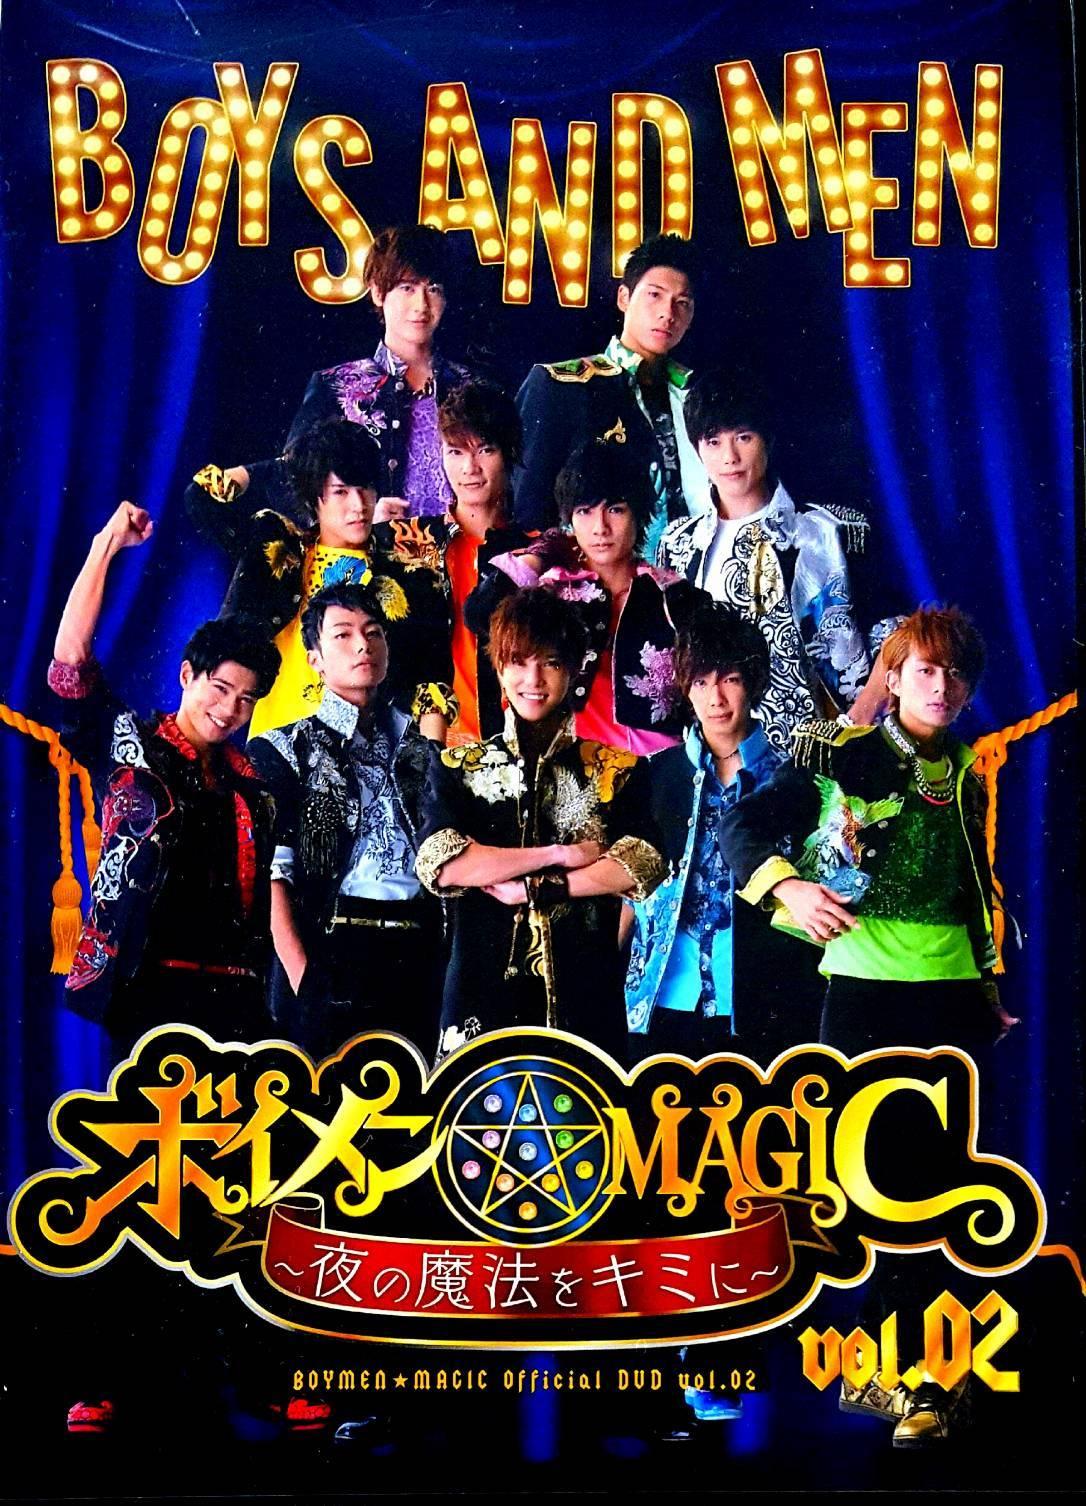 ボイメン☆MAGIC~夜の魔法をキミに~vol.02